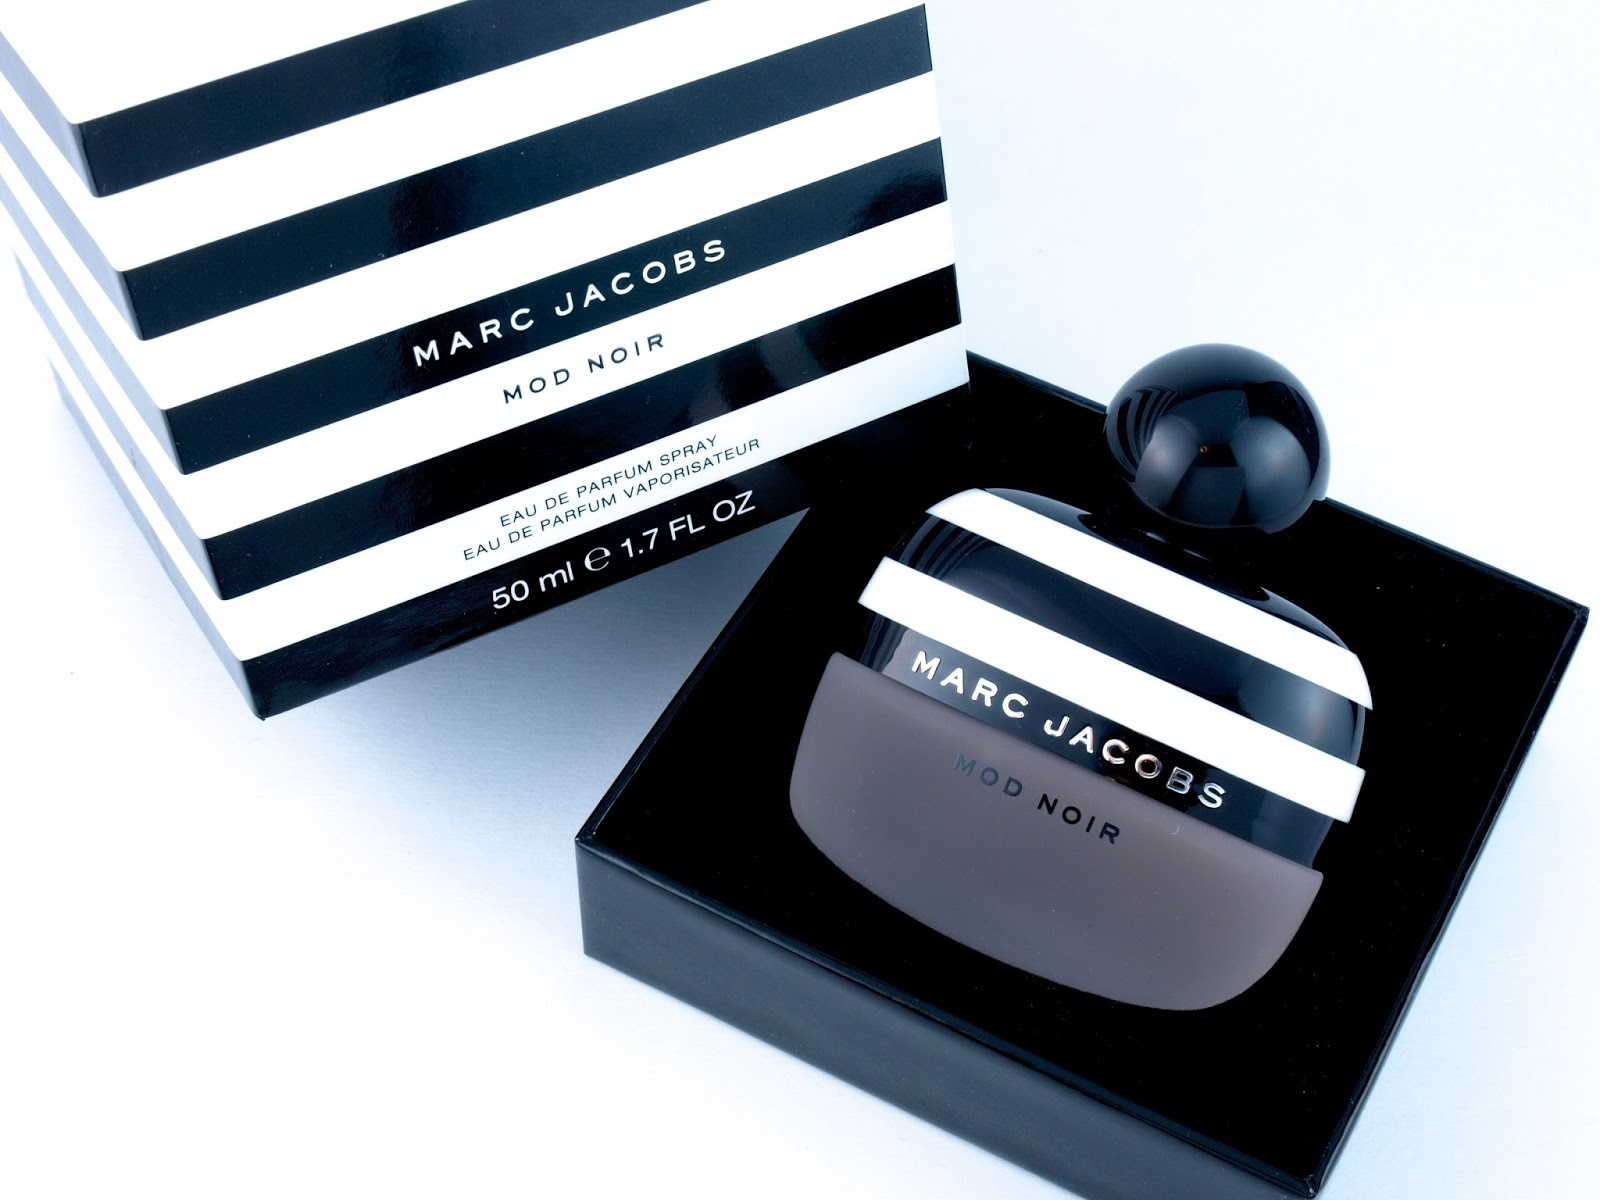 Marc Jacobs Mod Noir Eau de Parfum: Review